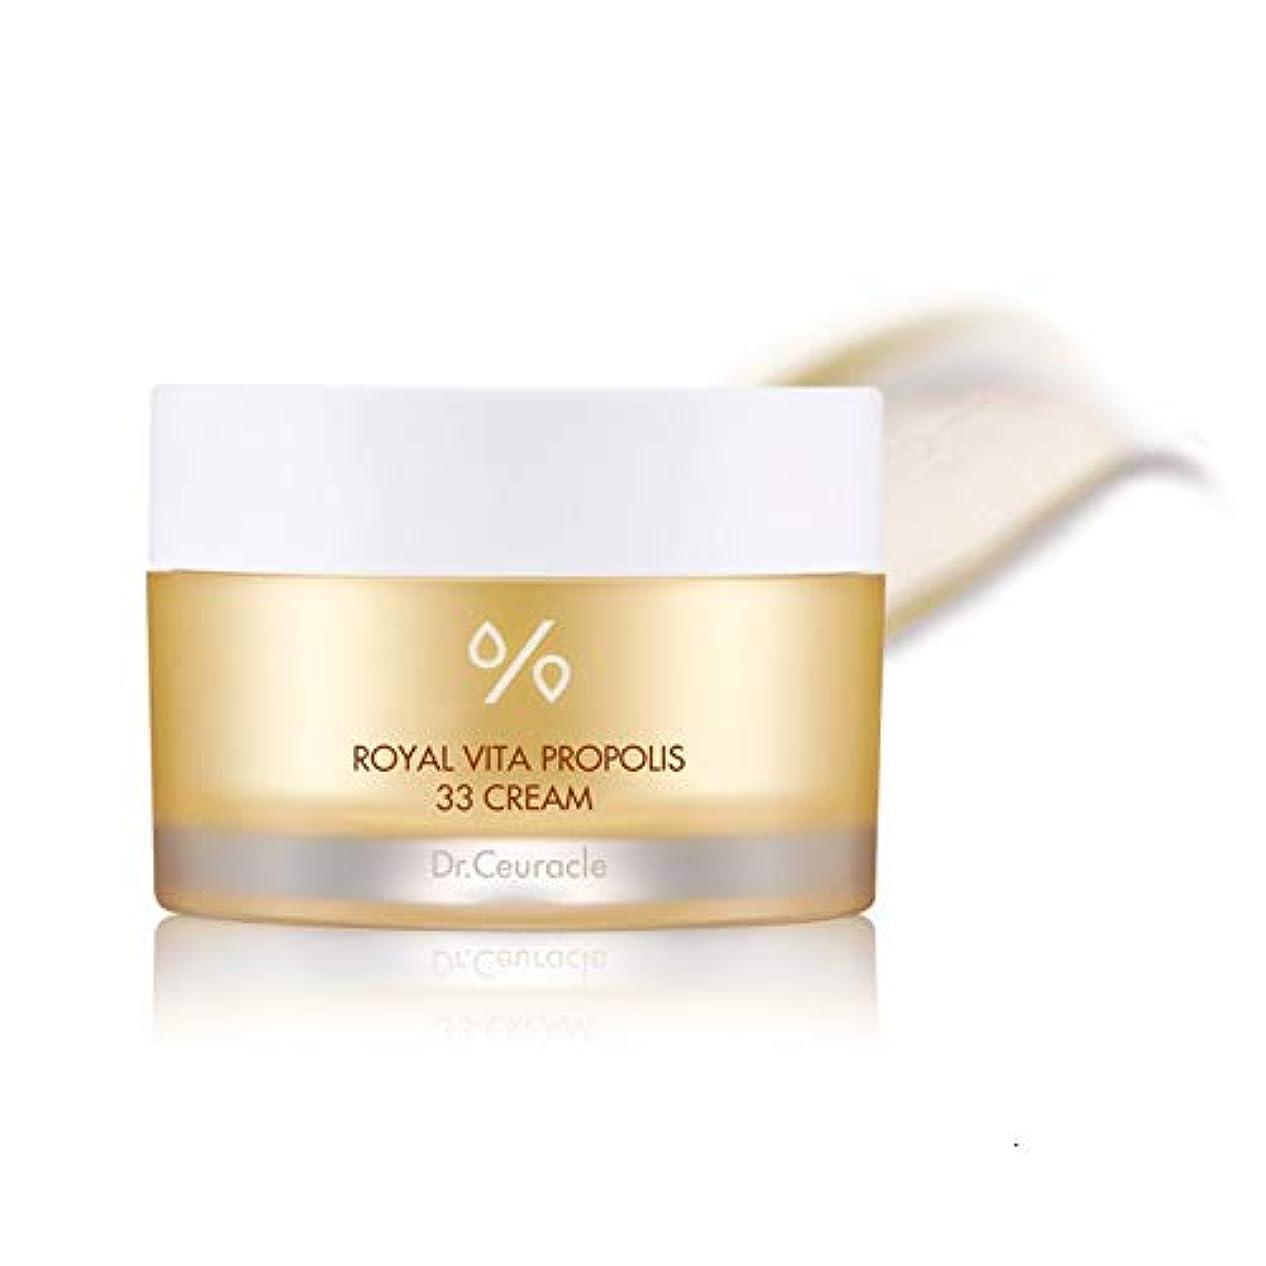 ワークショップレビュアーデコレーションDr.Ceuracle[ドクター·シュラクル] ローヤル ビタ プロポリス 33 クリーム/Royal Vita Propolis 33 Cream (50g) [並行輸入品]